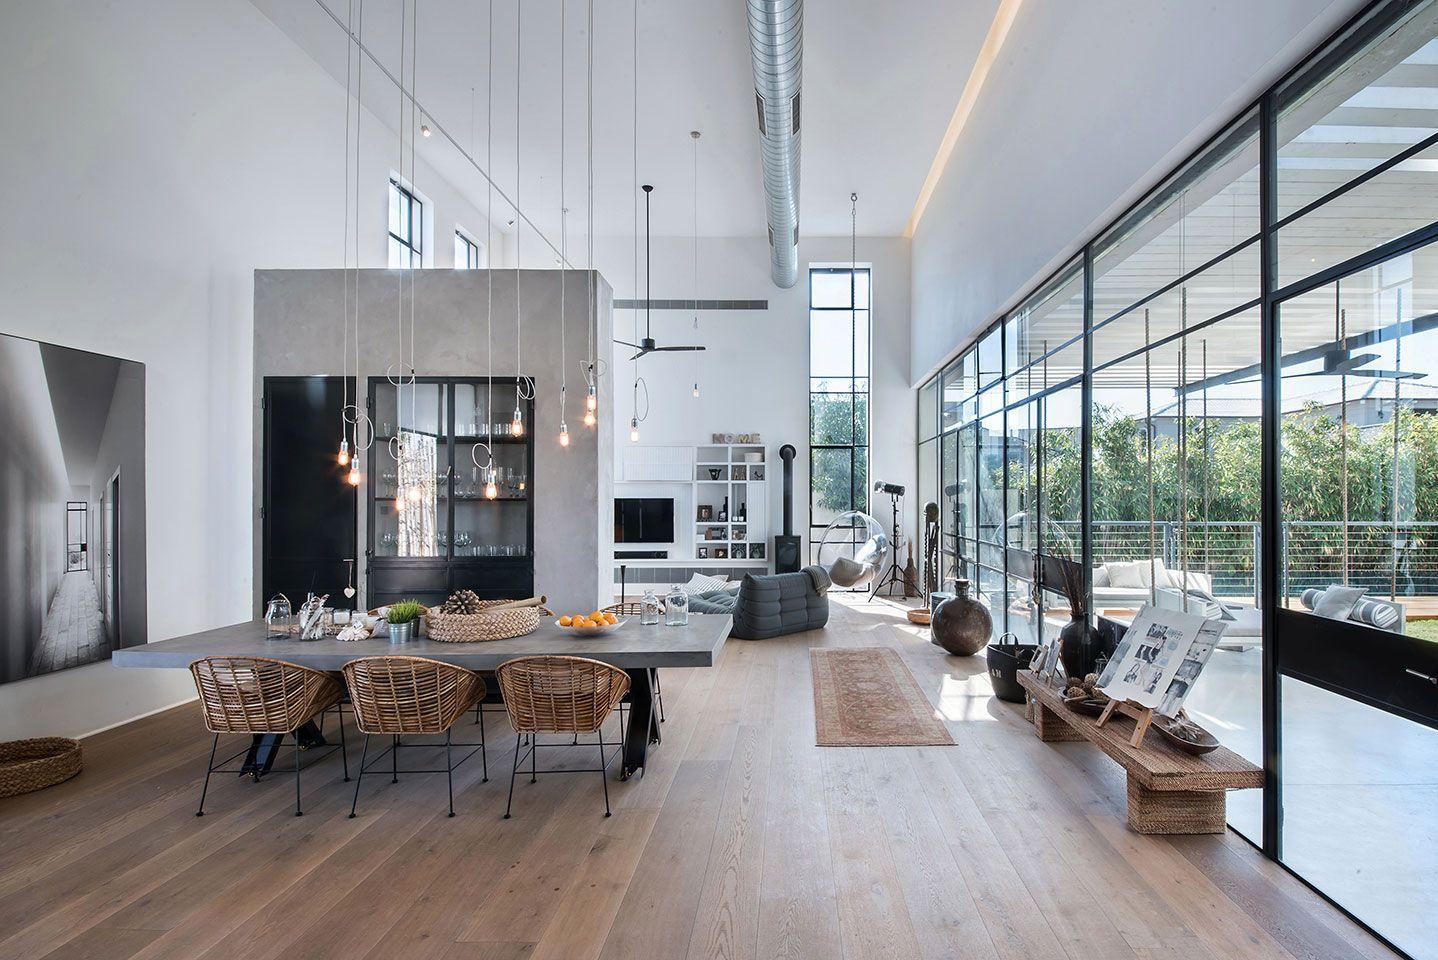 sweet home | Architektur | Pinterest | Inspiration, Wohnzimmer und ...